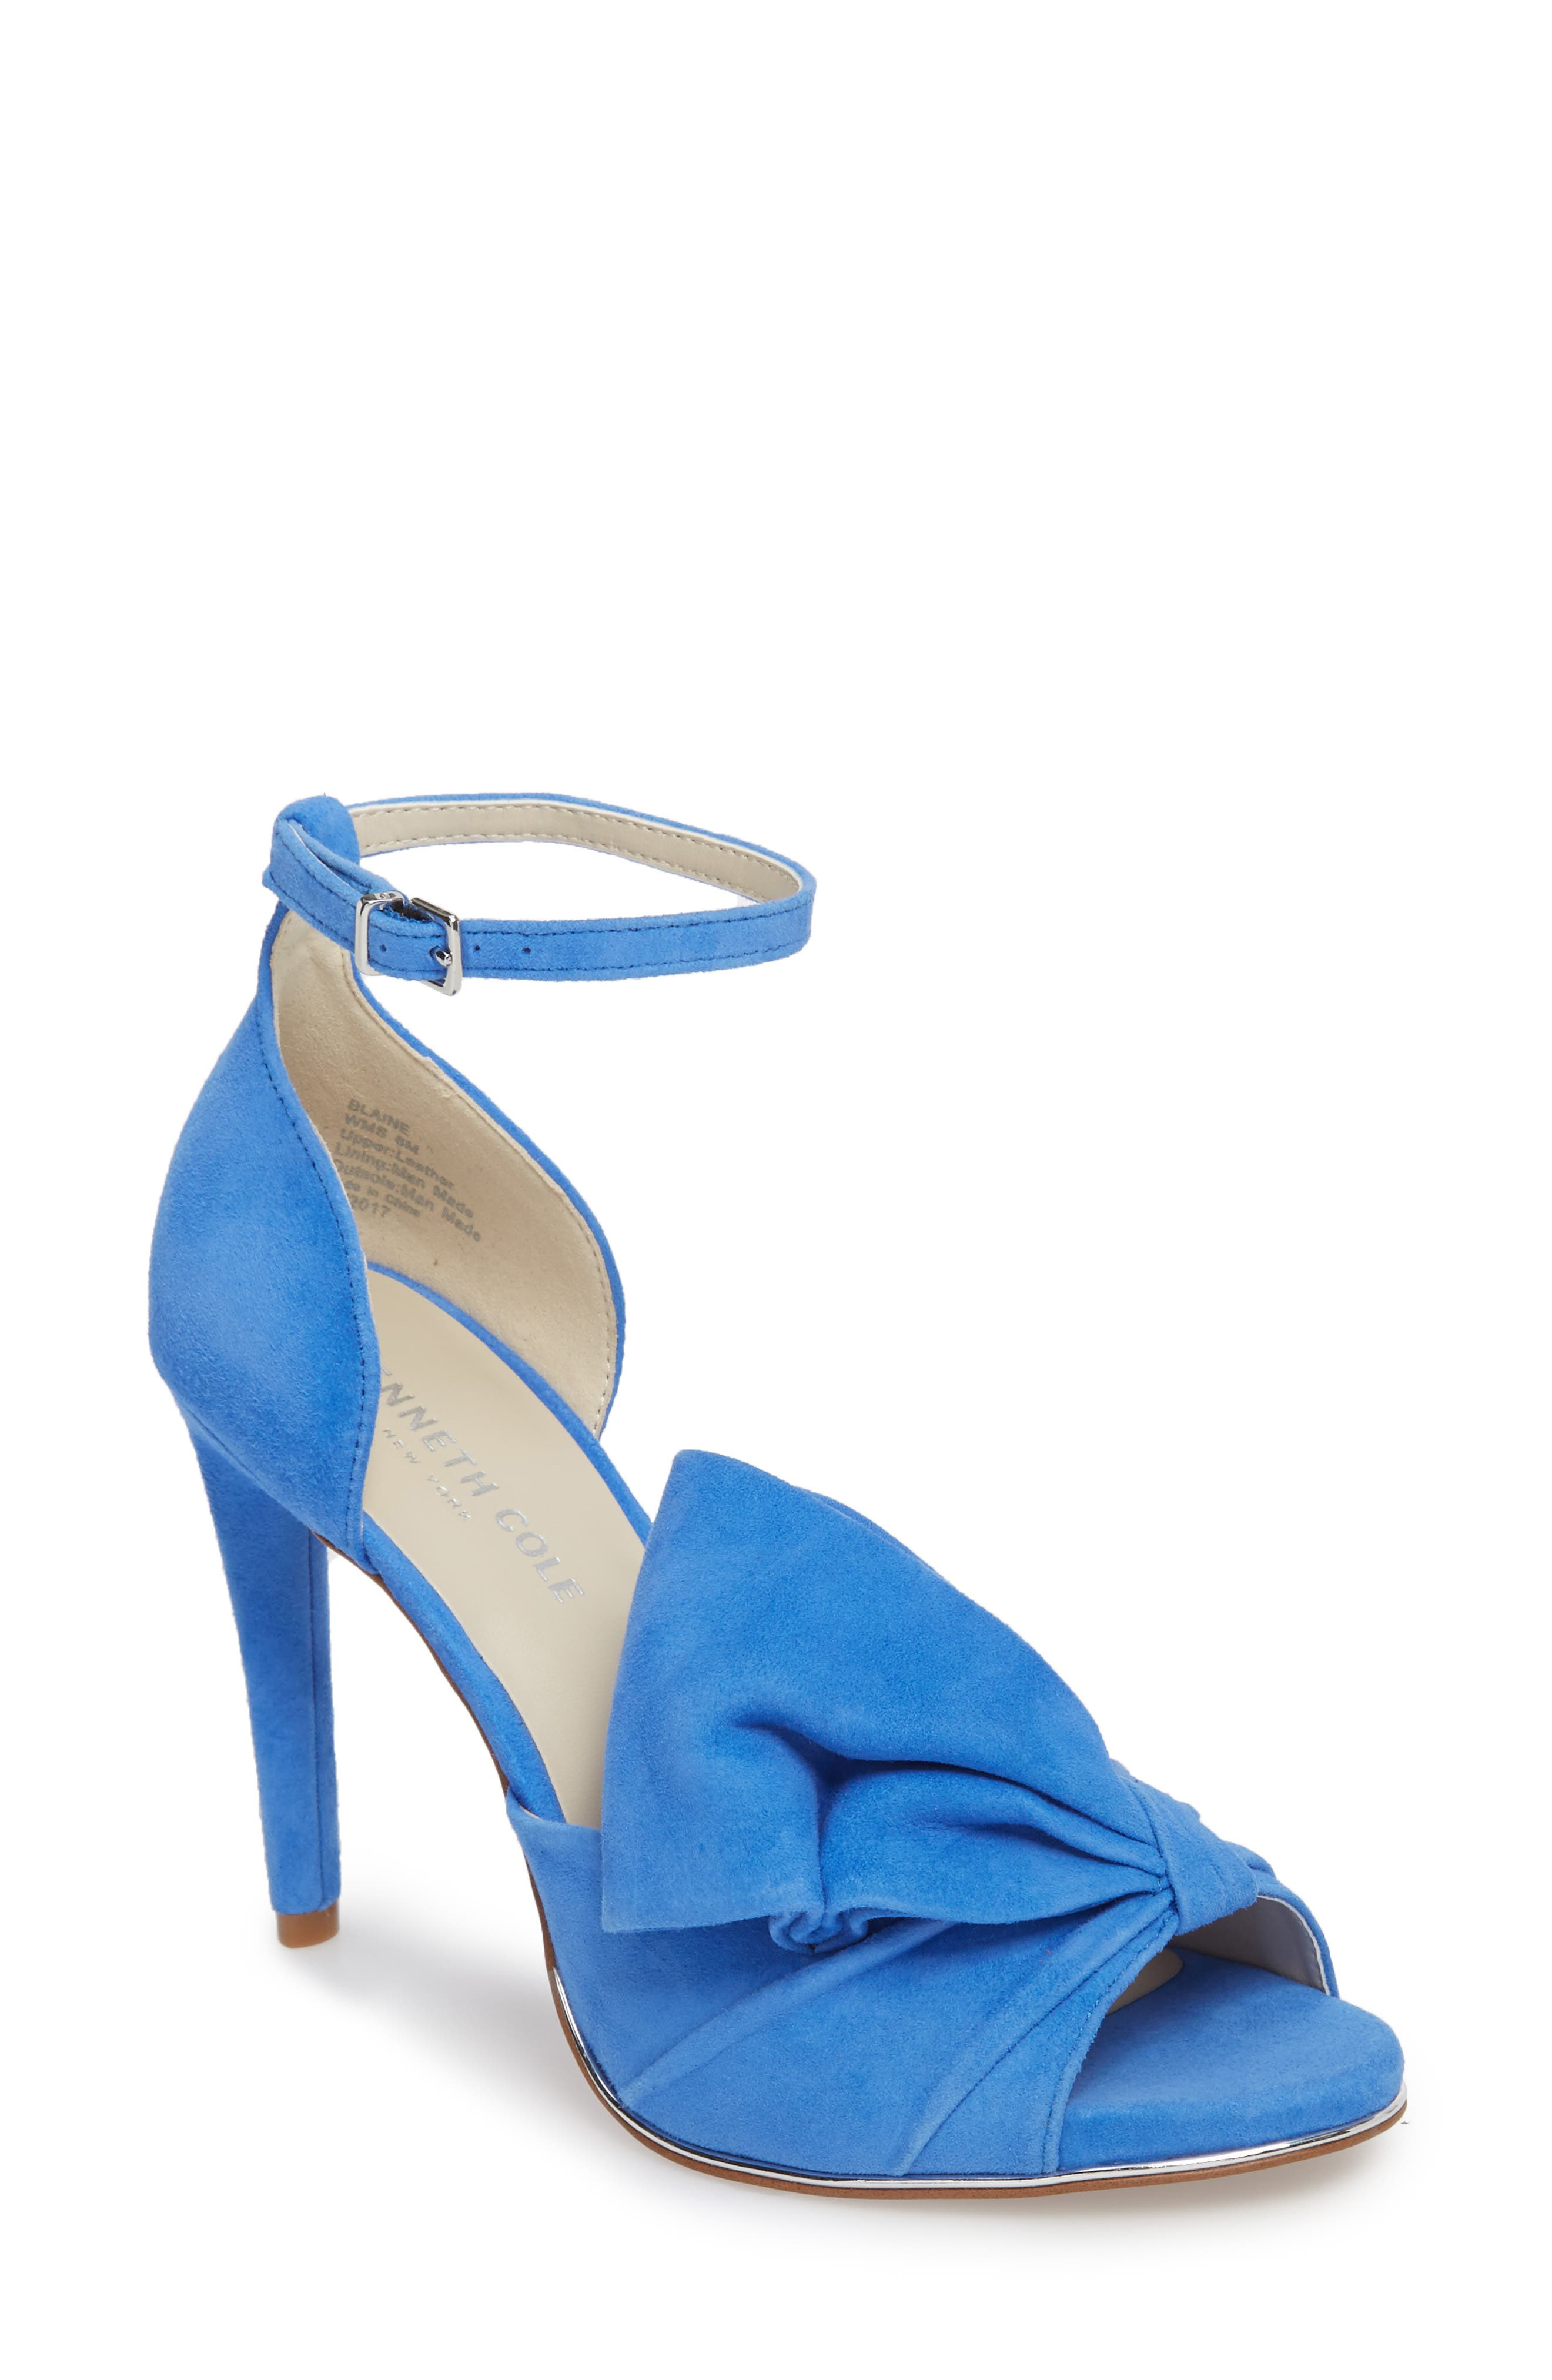 Blaine Ankle Strap Sandal,                             Main thumbnail 2, color,